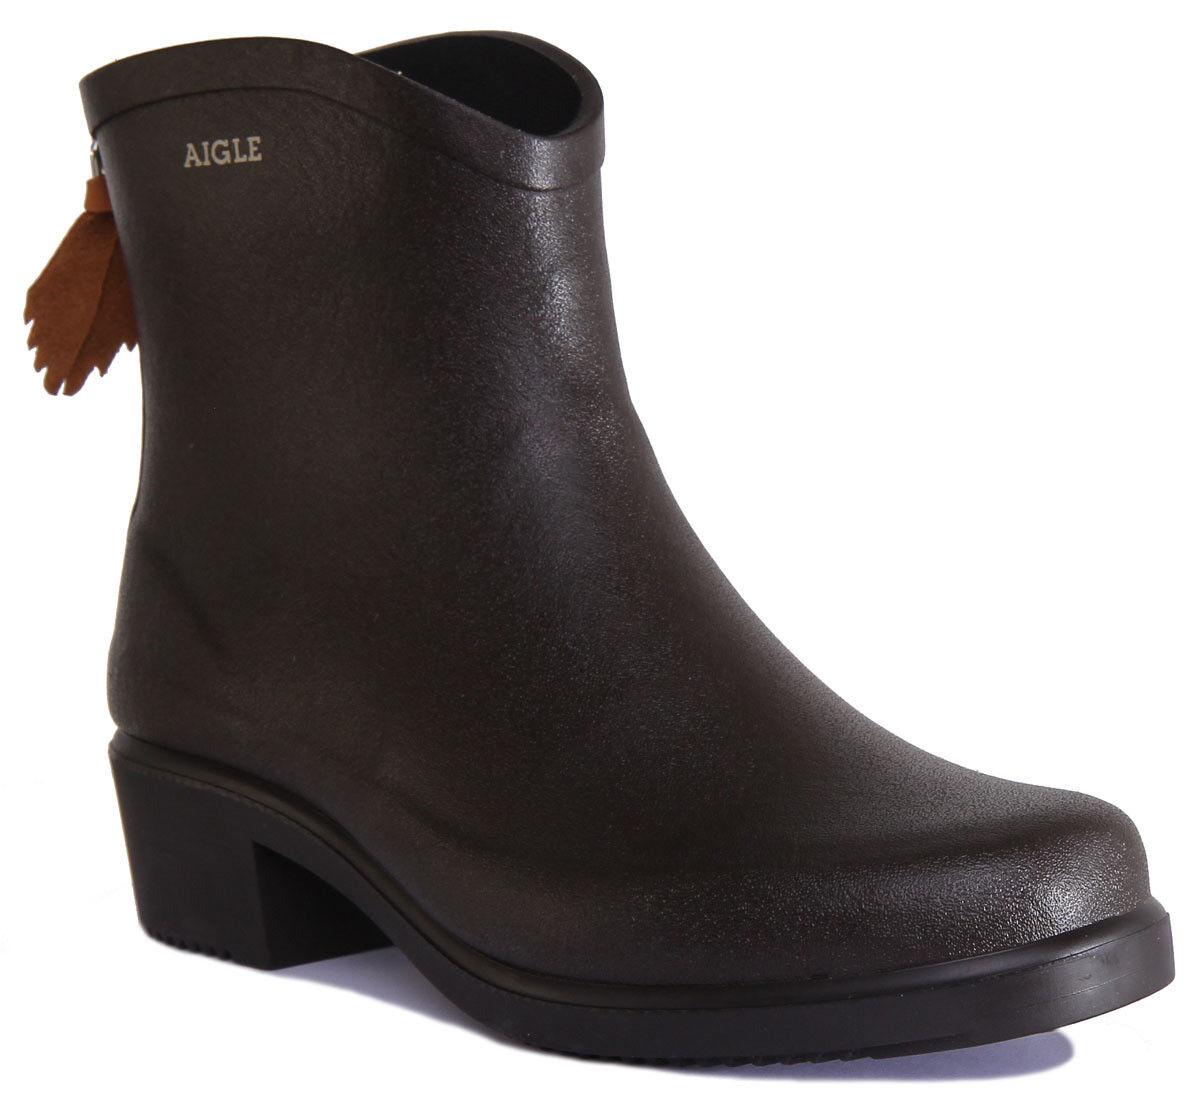 dc838c3eff70f nike air zoom vomero 11 fonctionneHommes t de de de femmes formateurs 602 chaussures  chaussures  818 100 dollars f3a9fd